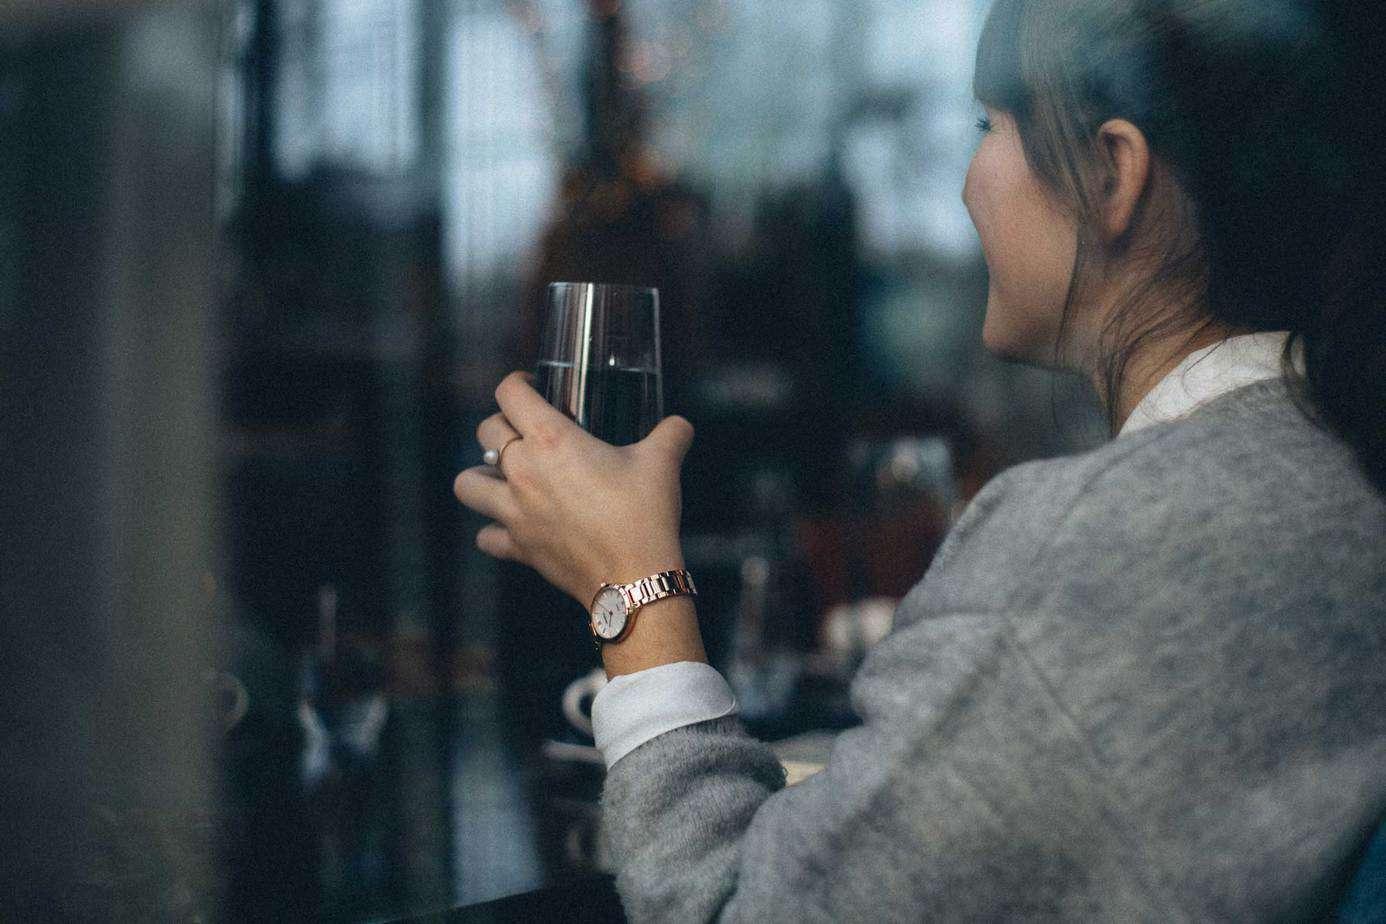 prisma horloges watches simplicity appeal ladies watch dameshorloge oranjerie restaurant Schaffelaar kasteel barneveld